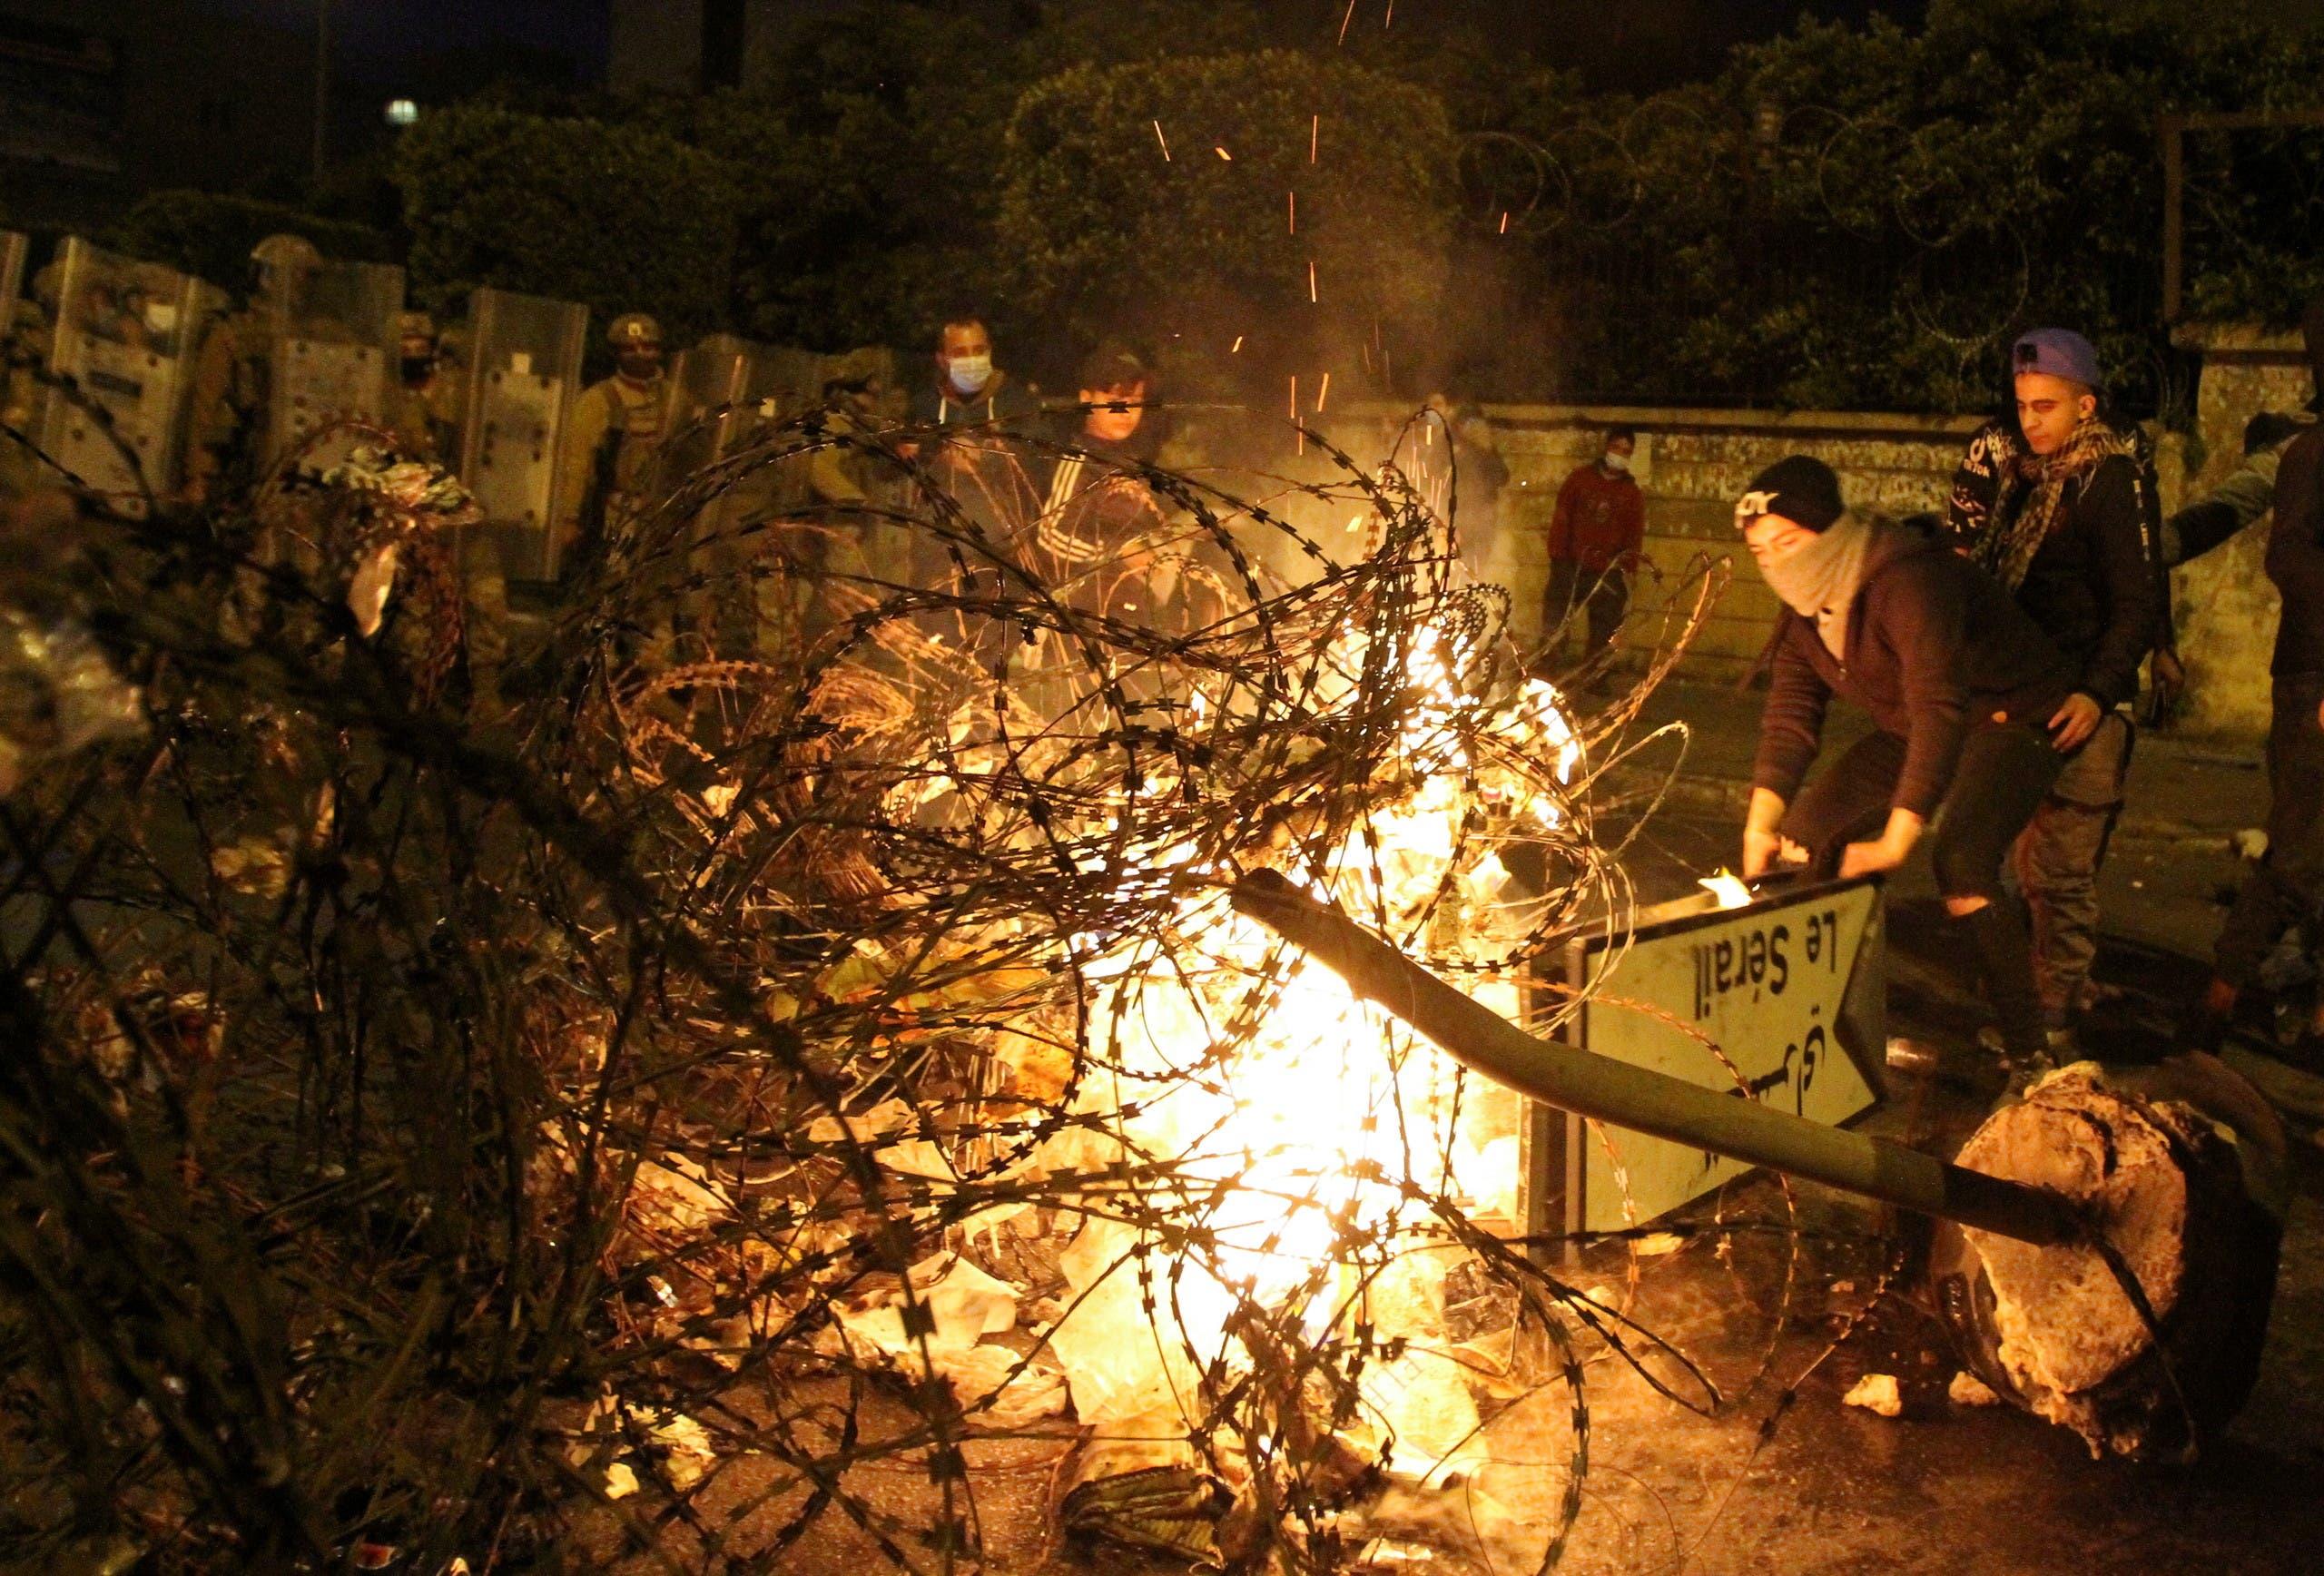 متظاهرون يضرمون النار بالقرب من مبنى السراي الحكومي في طرابلس